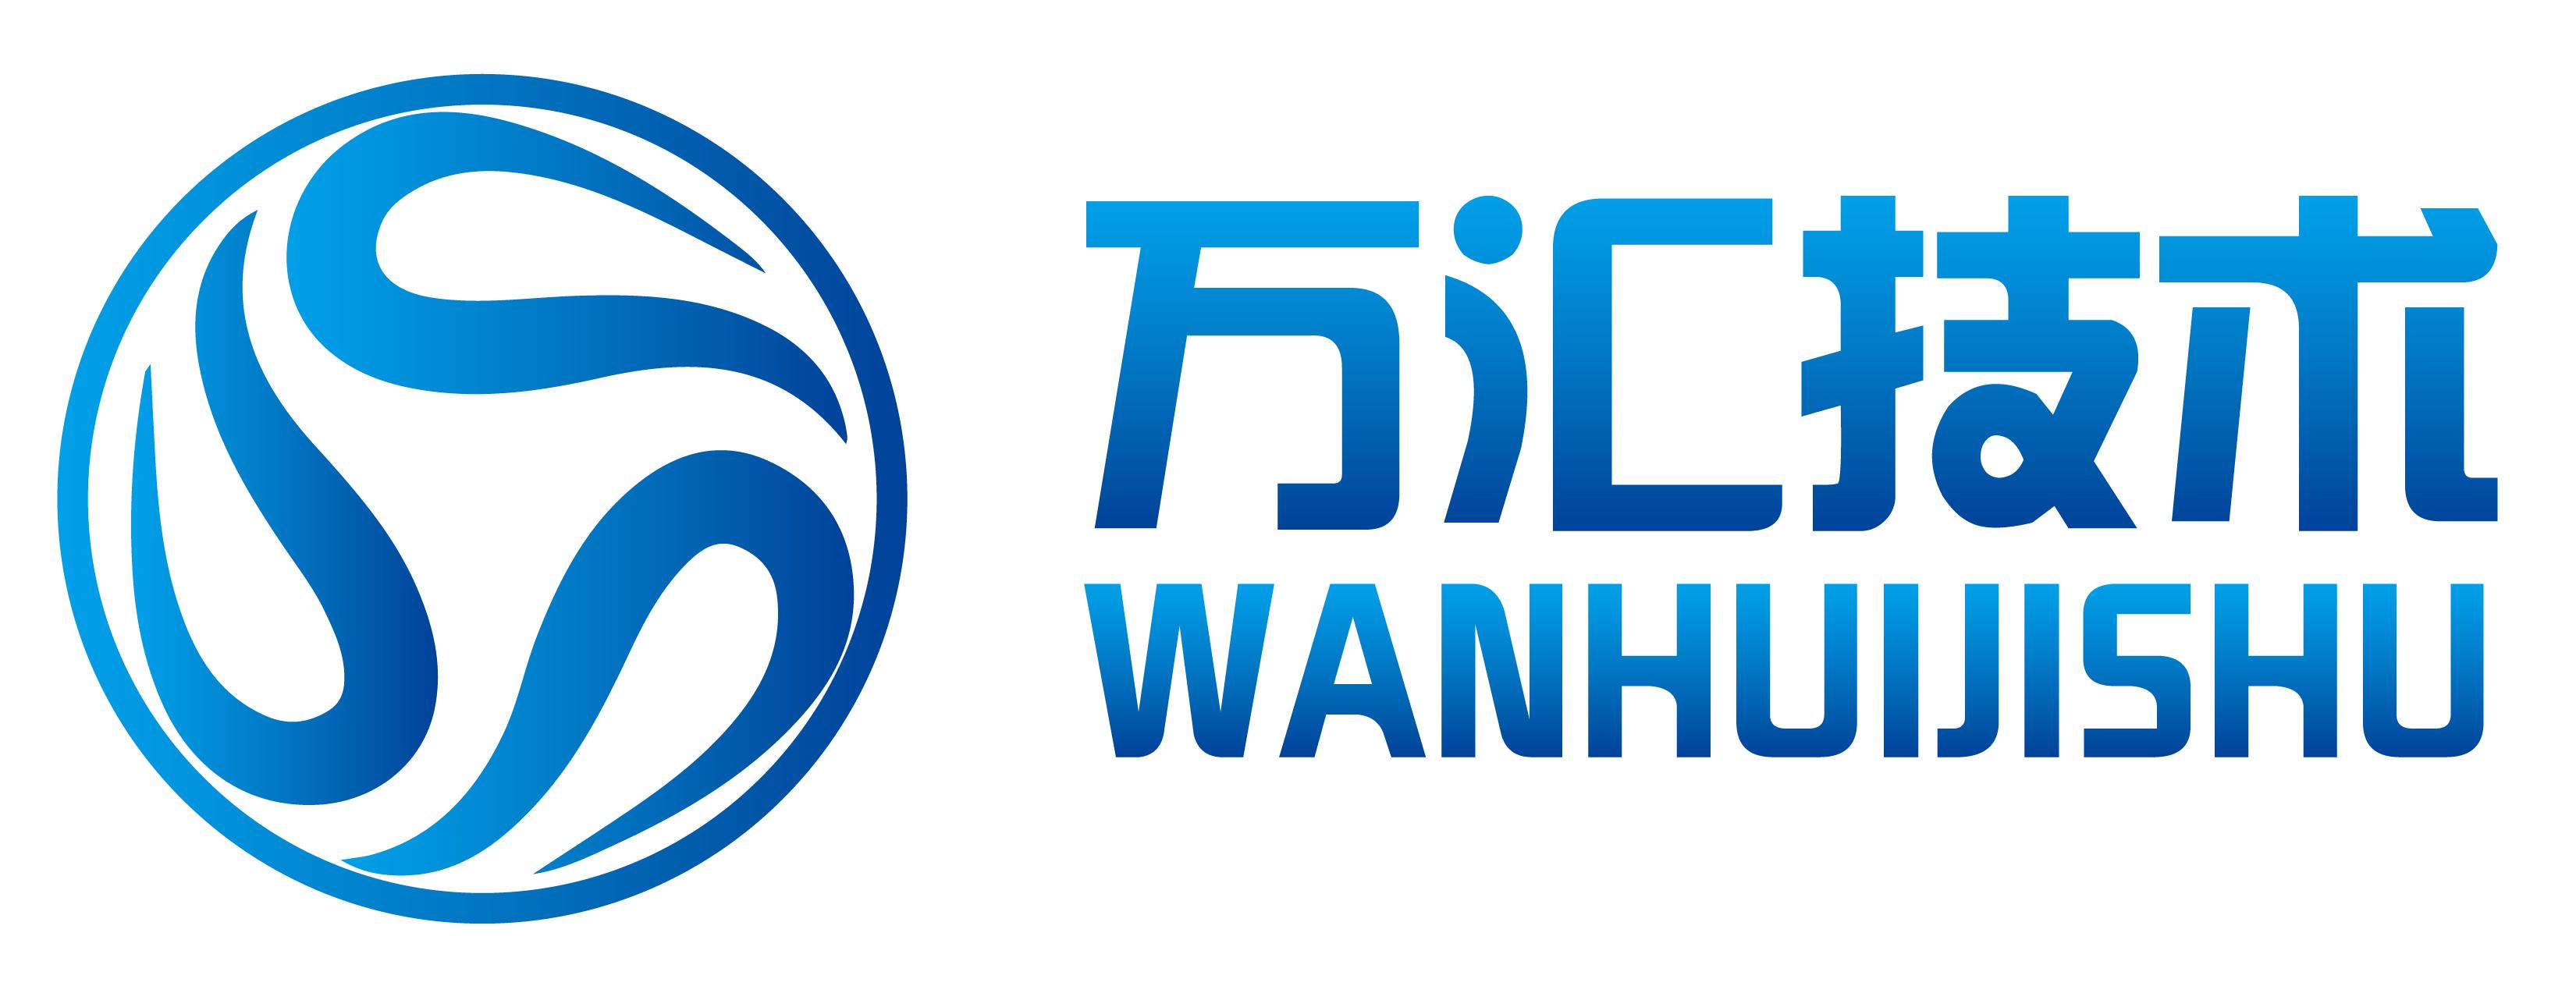 无人值守称重系统logo